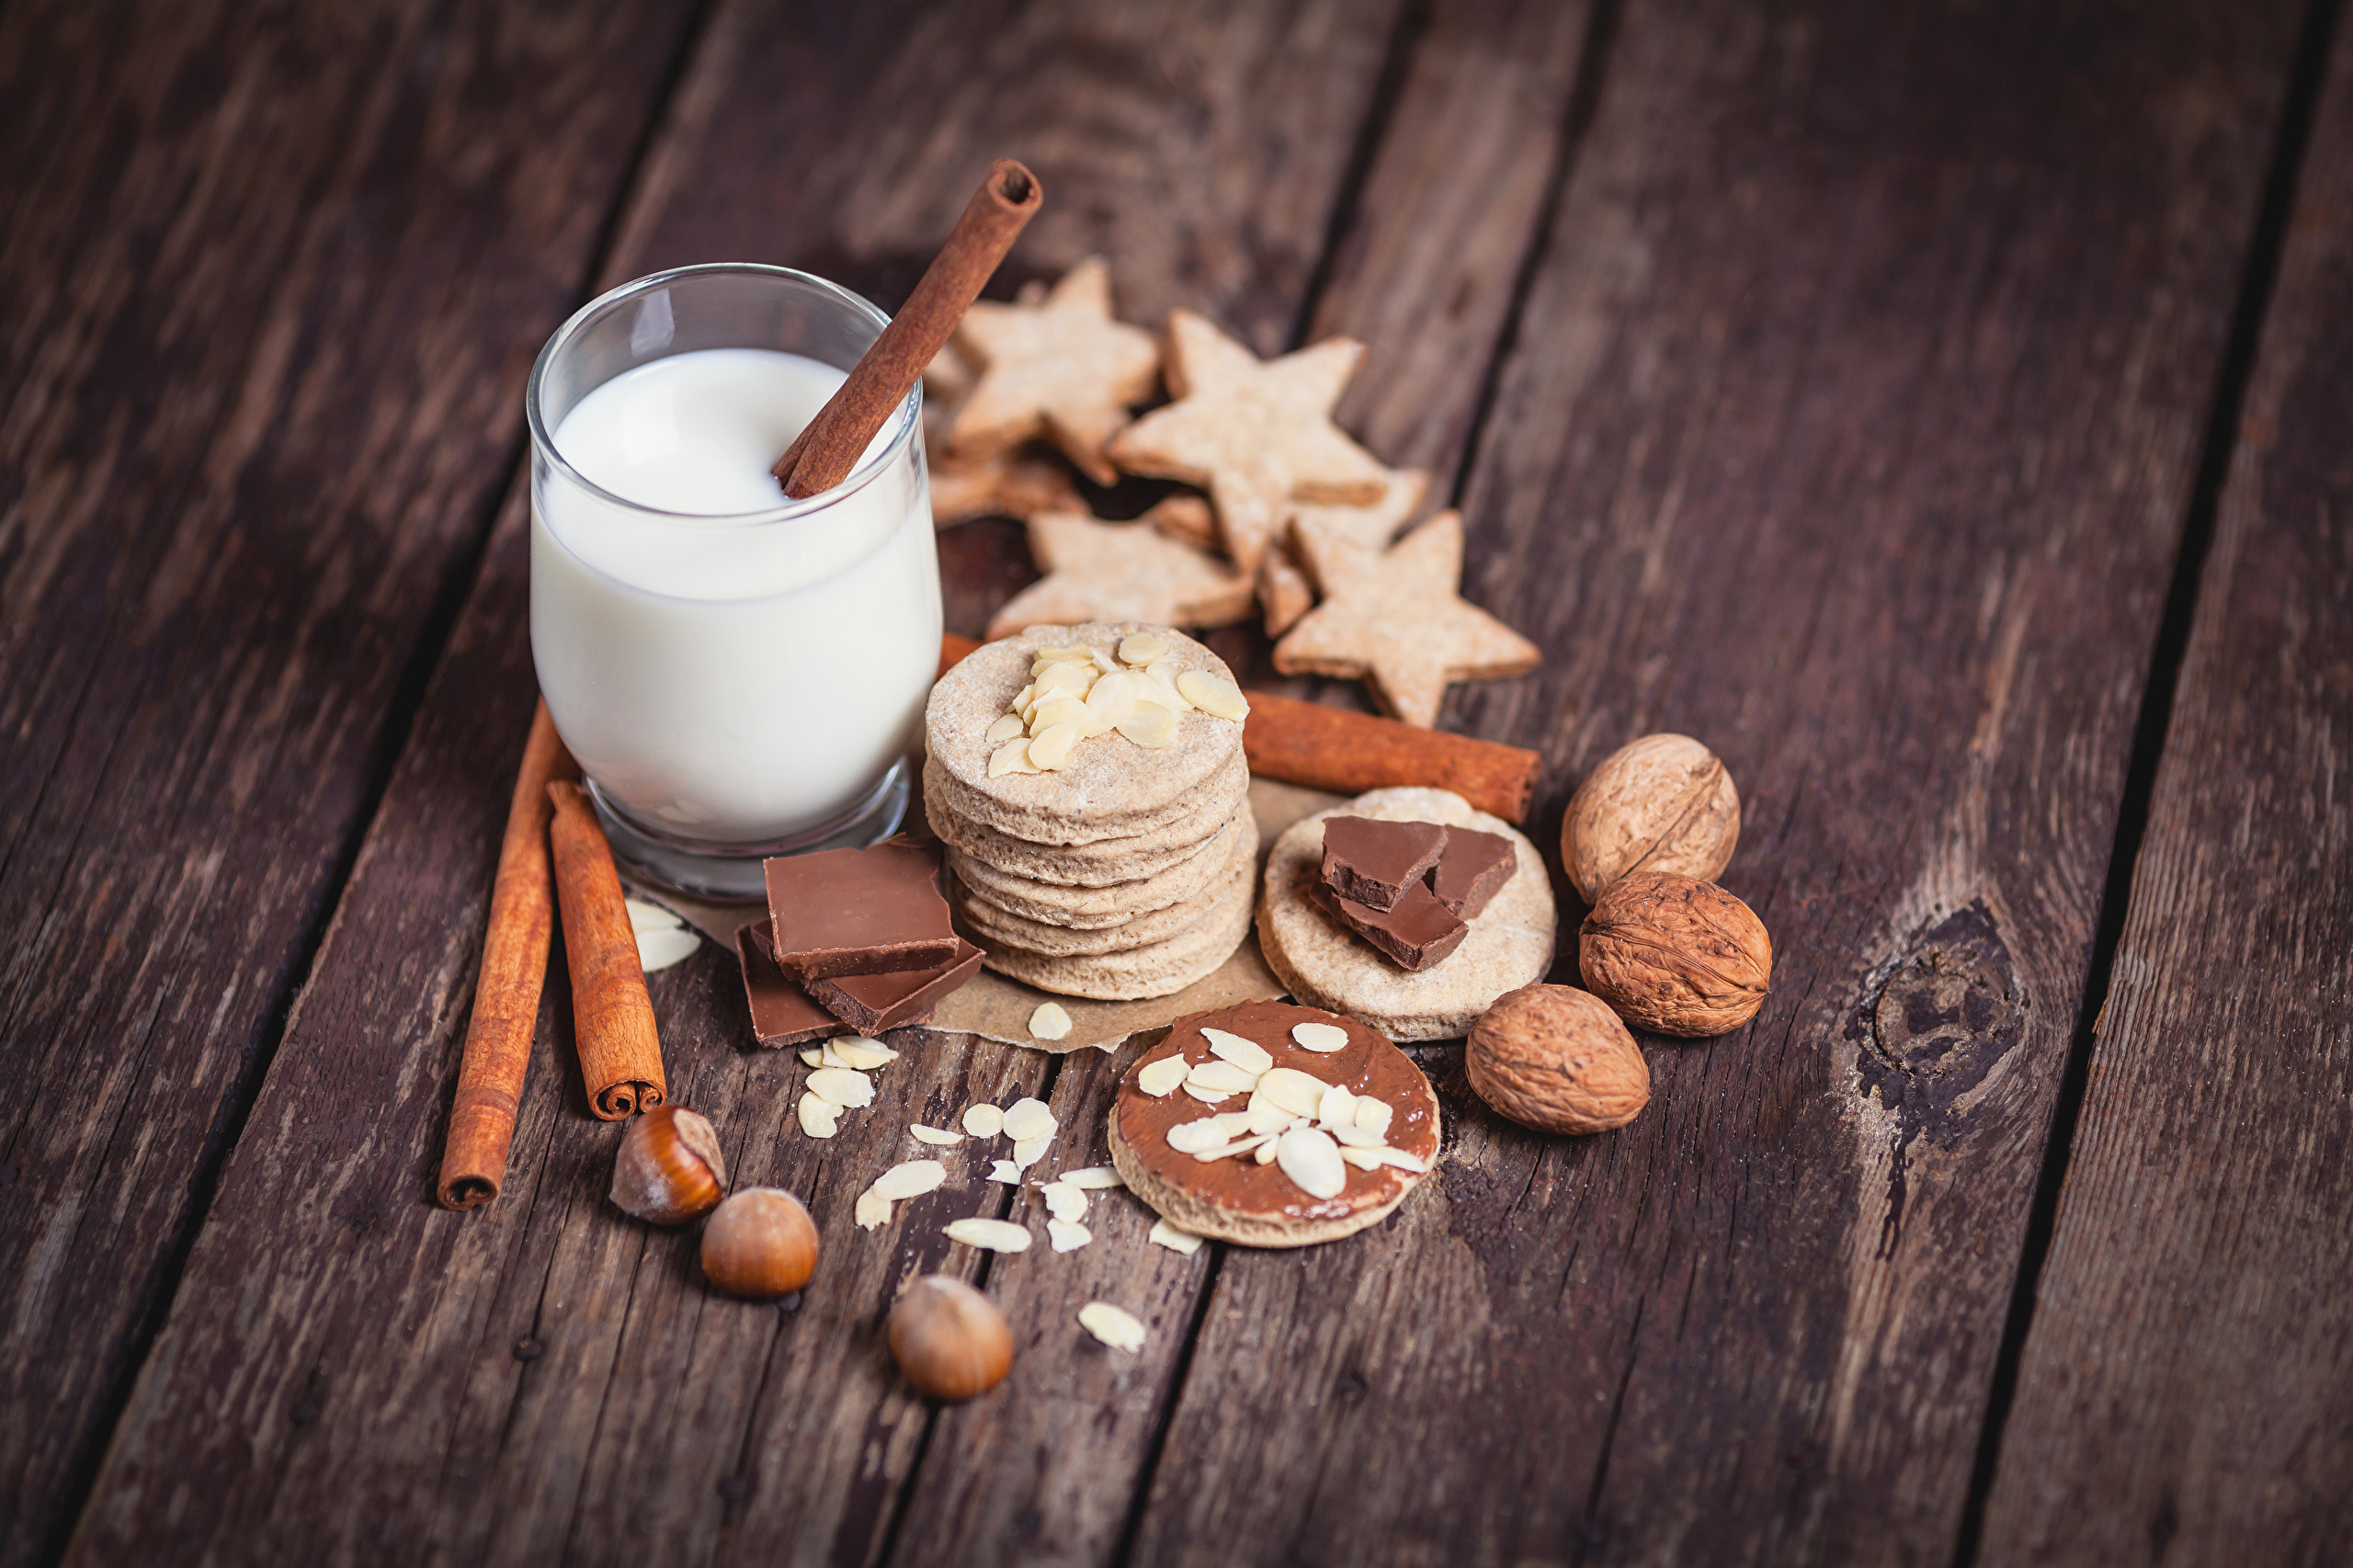 Печенье молоко  № 1615767 бесплатно